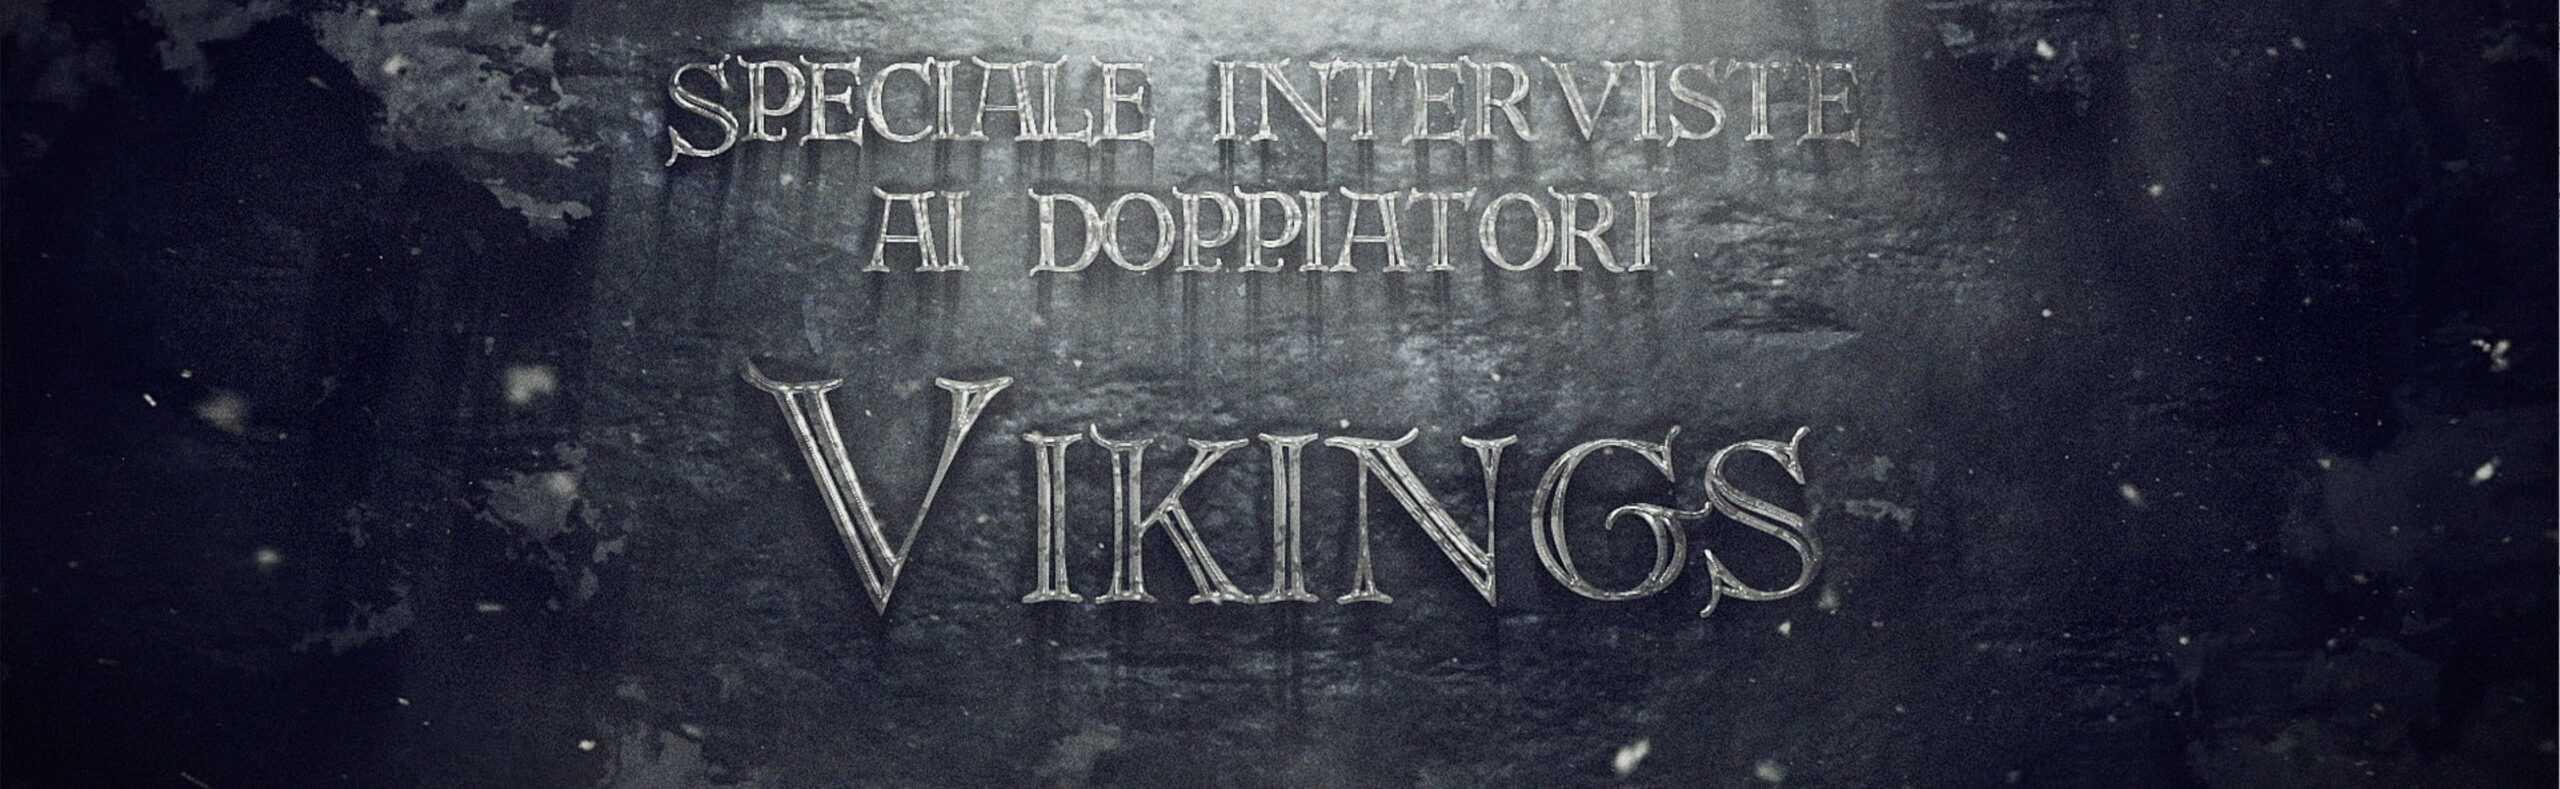 Vikings Speciale Interviste ai Doppiatori – Trailer